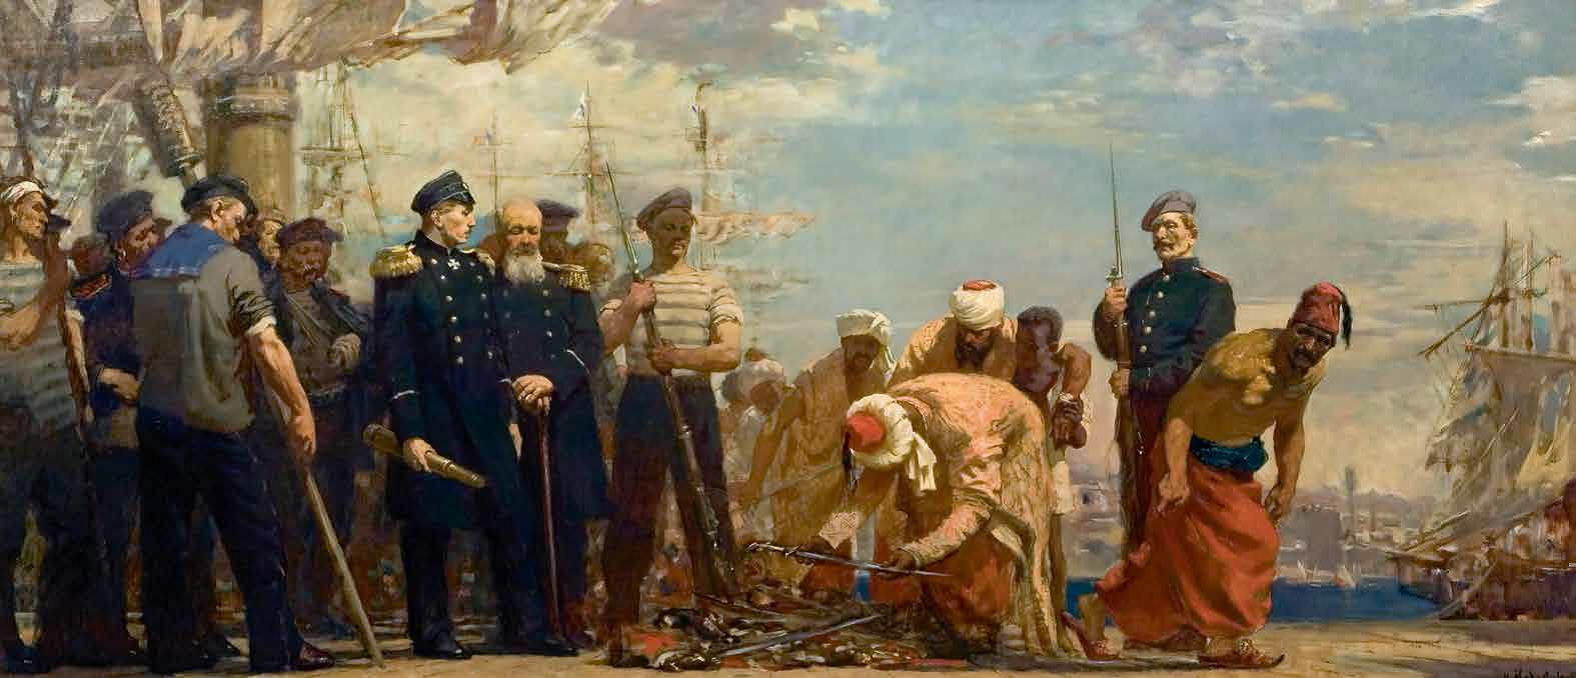 «Адмирал Нахимов при Синопе», 1950 г., Никита Медовиков.